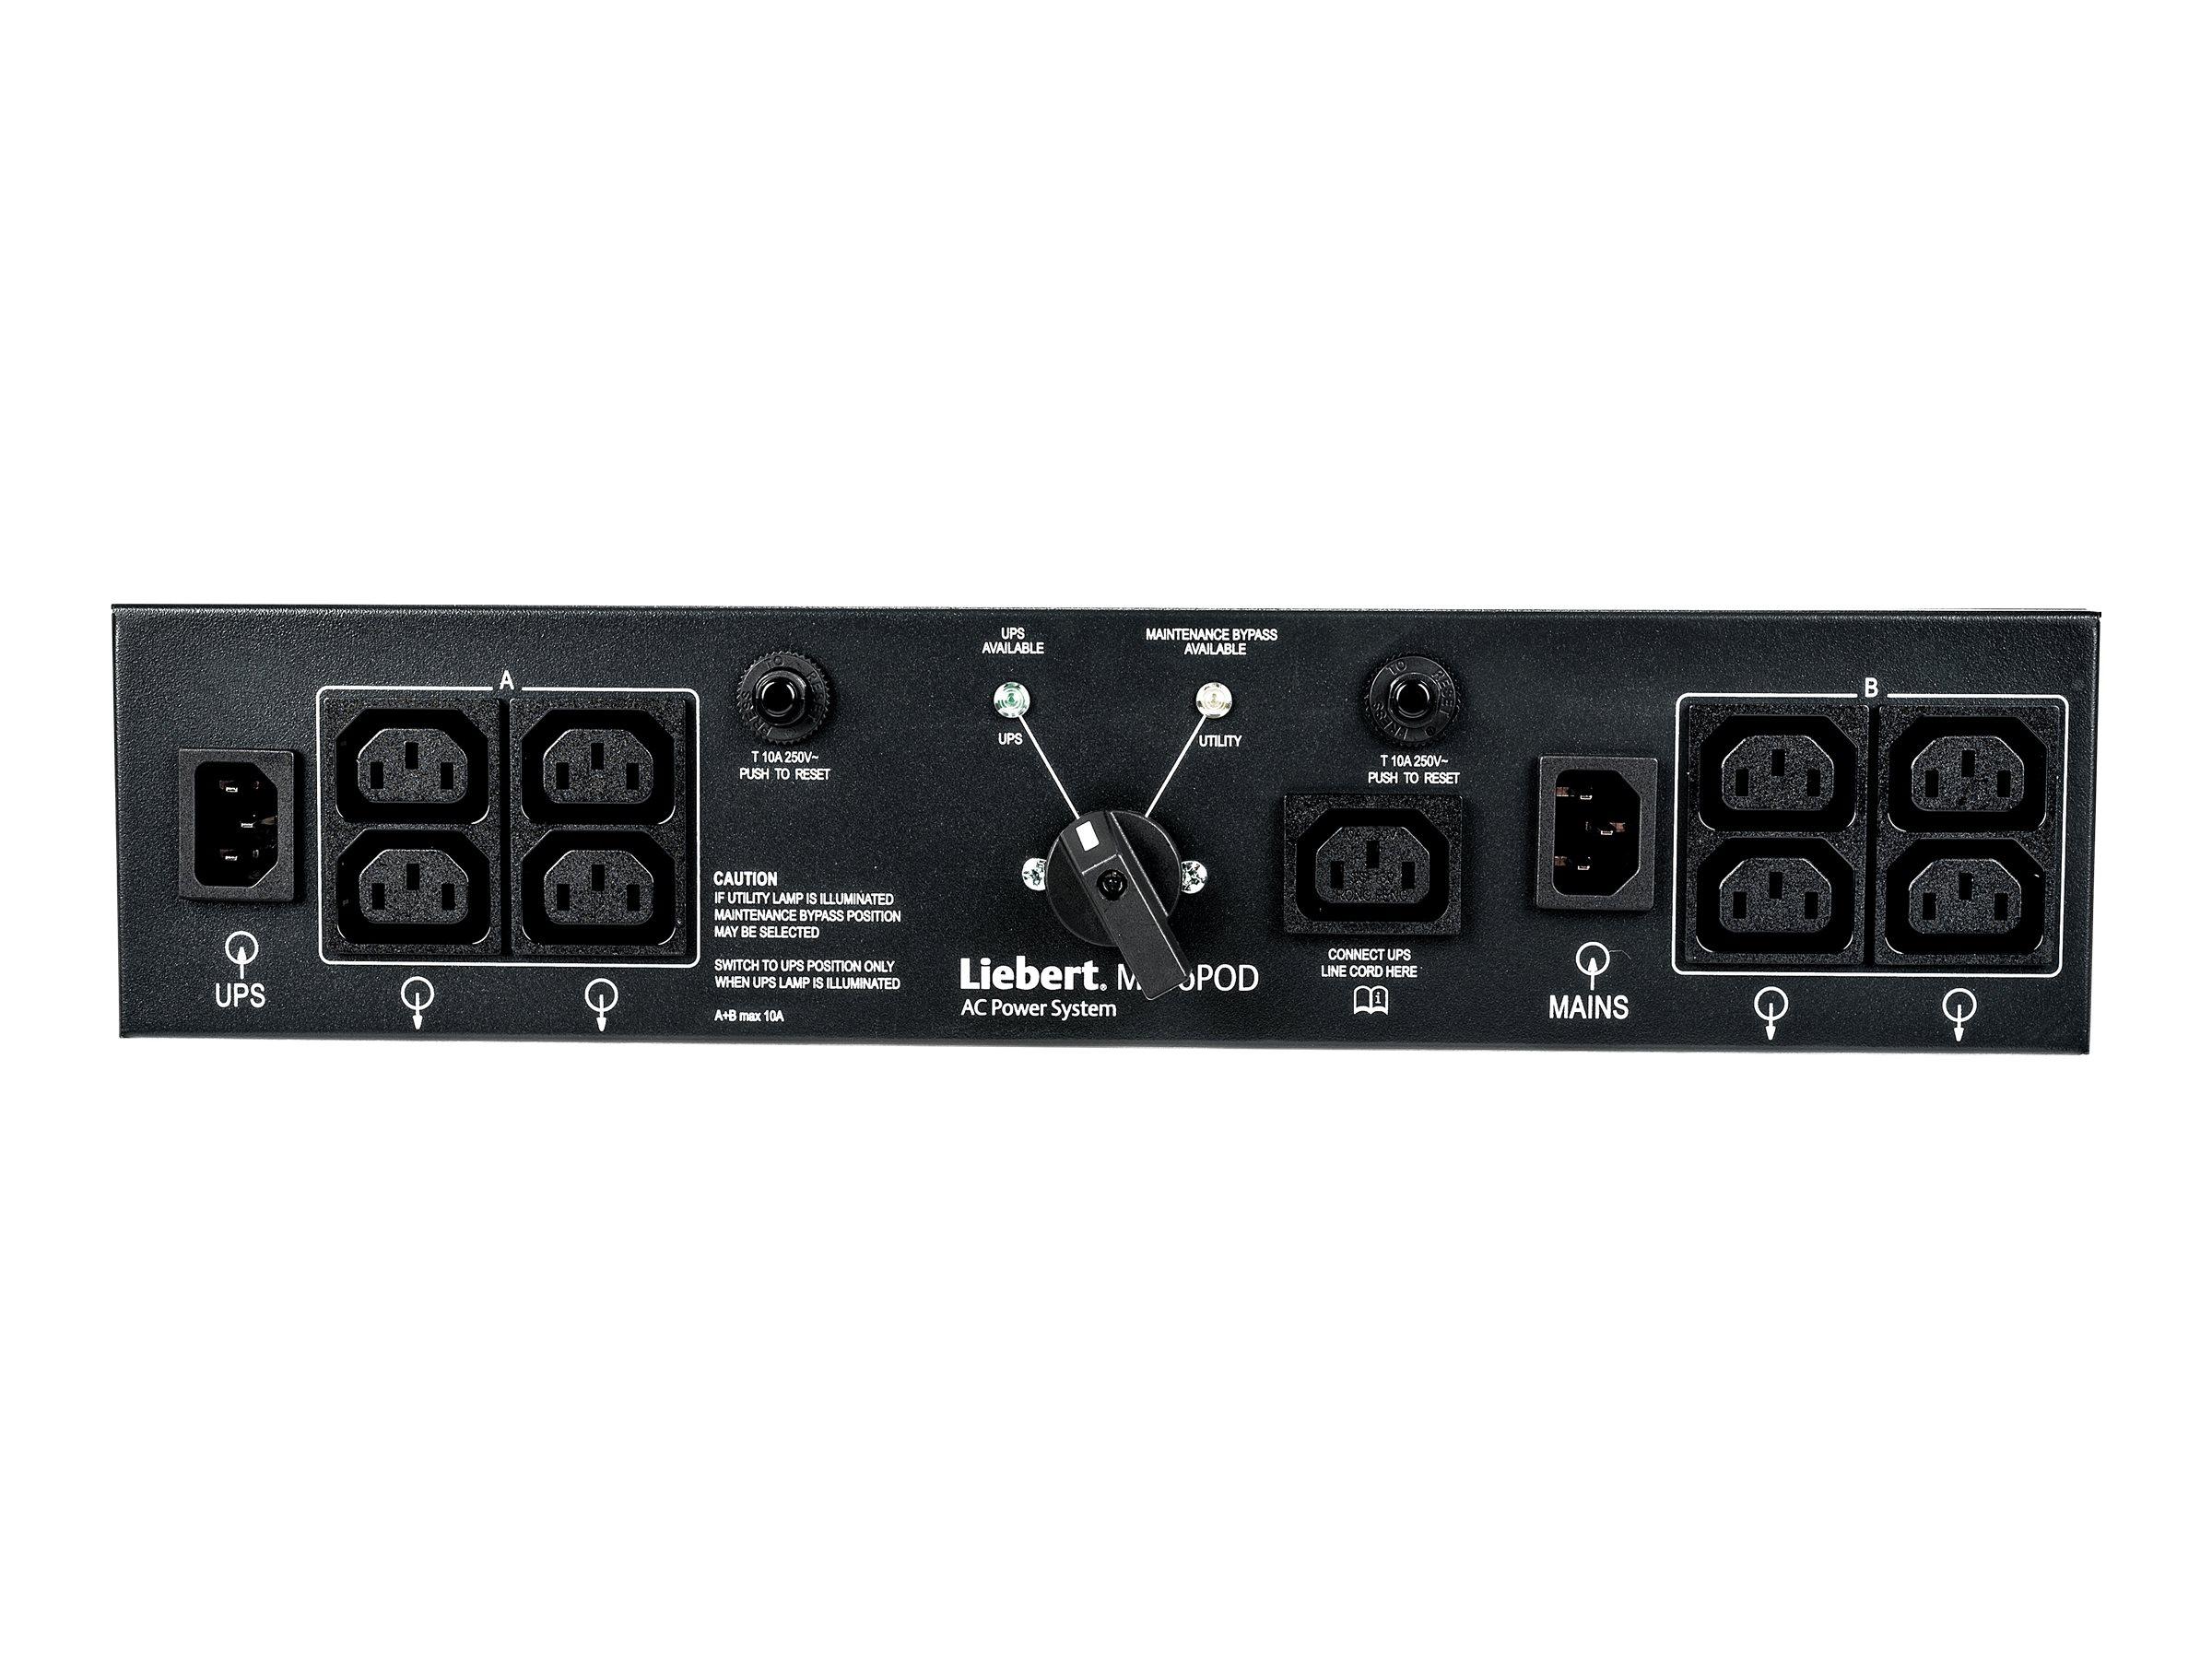 Liebert MicroPod MP2-210K - Umleitungsschalter - Wechselstrom 230 V - für Liebert GXT3-1000RT230, GXT3-1500RT230, GXT3-2000RT230